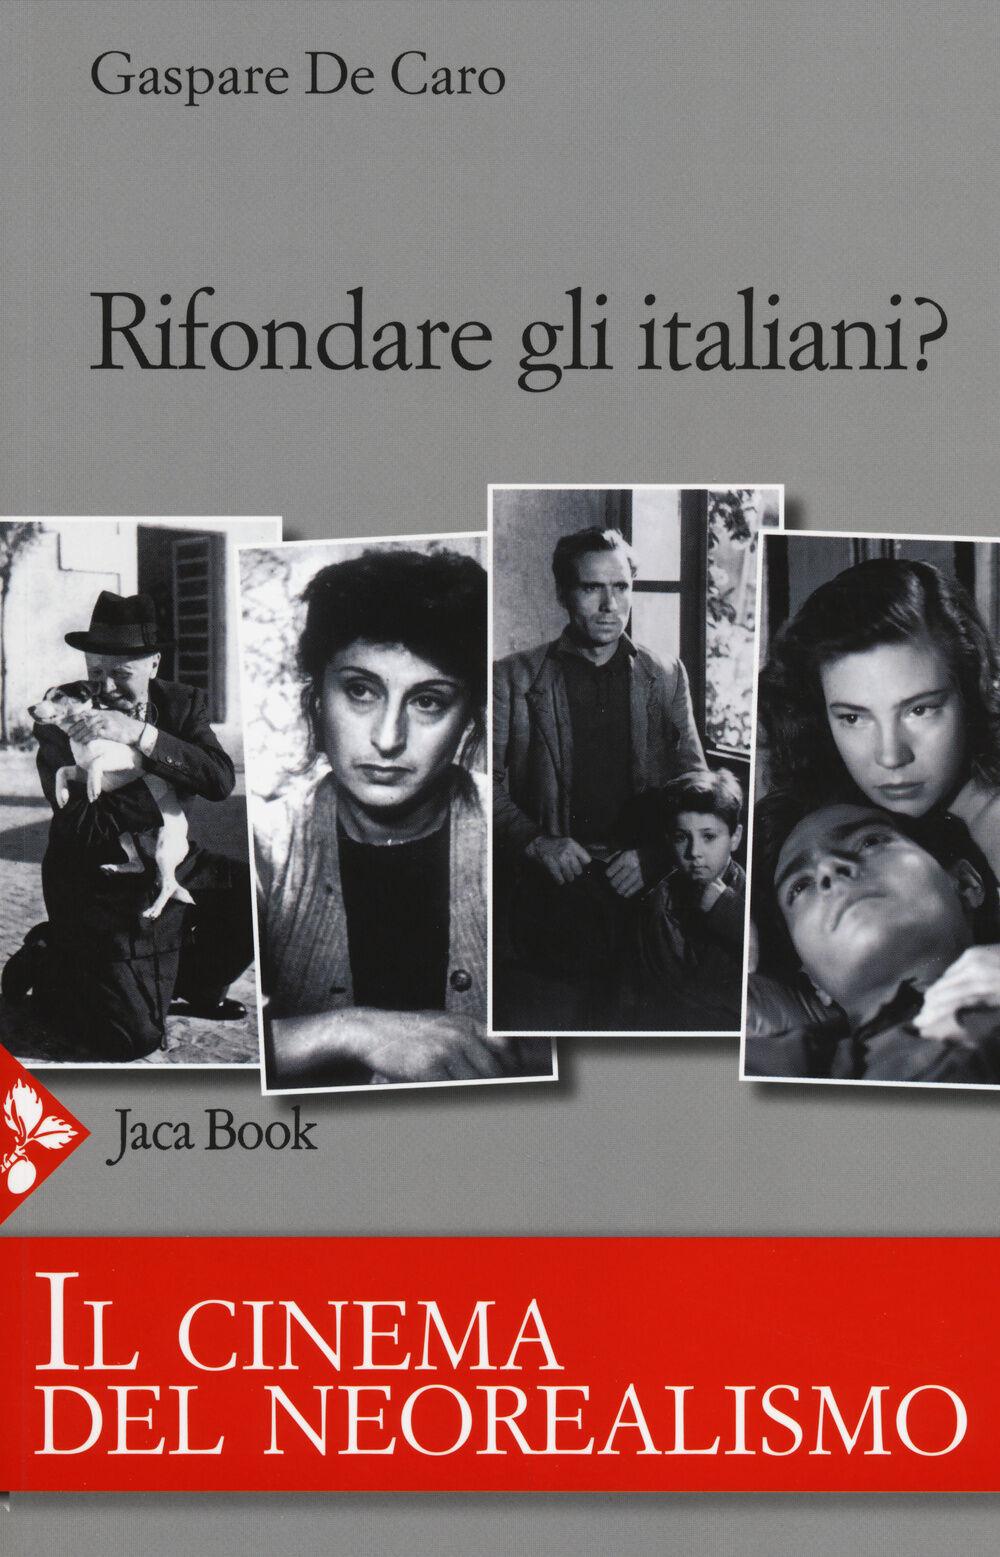 Rifondare gli italiani? Il cinema del neorealismo